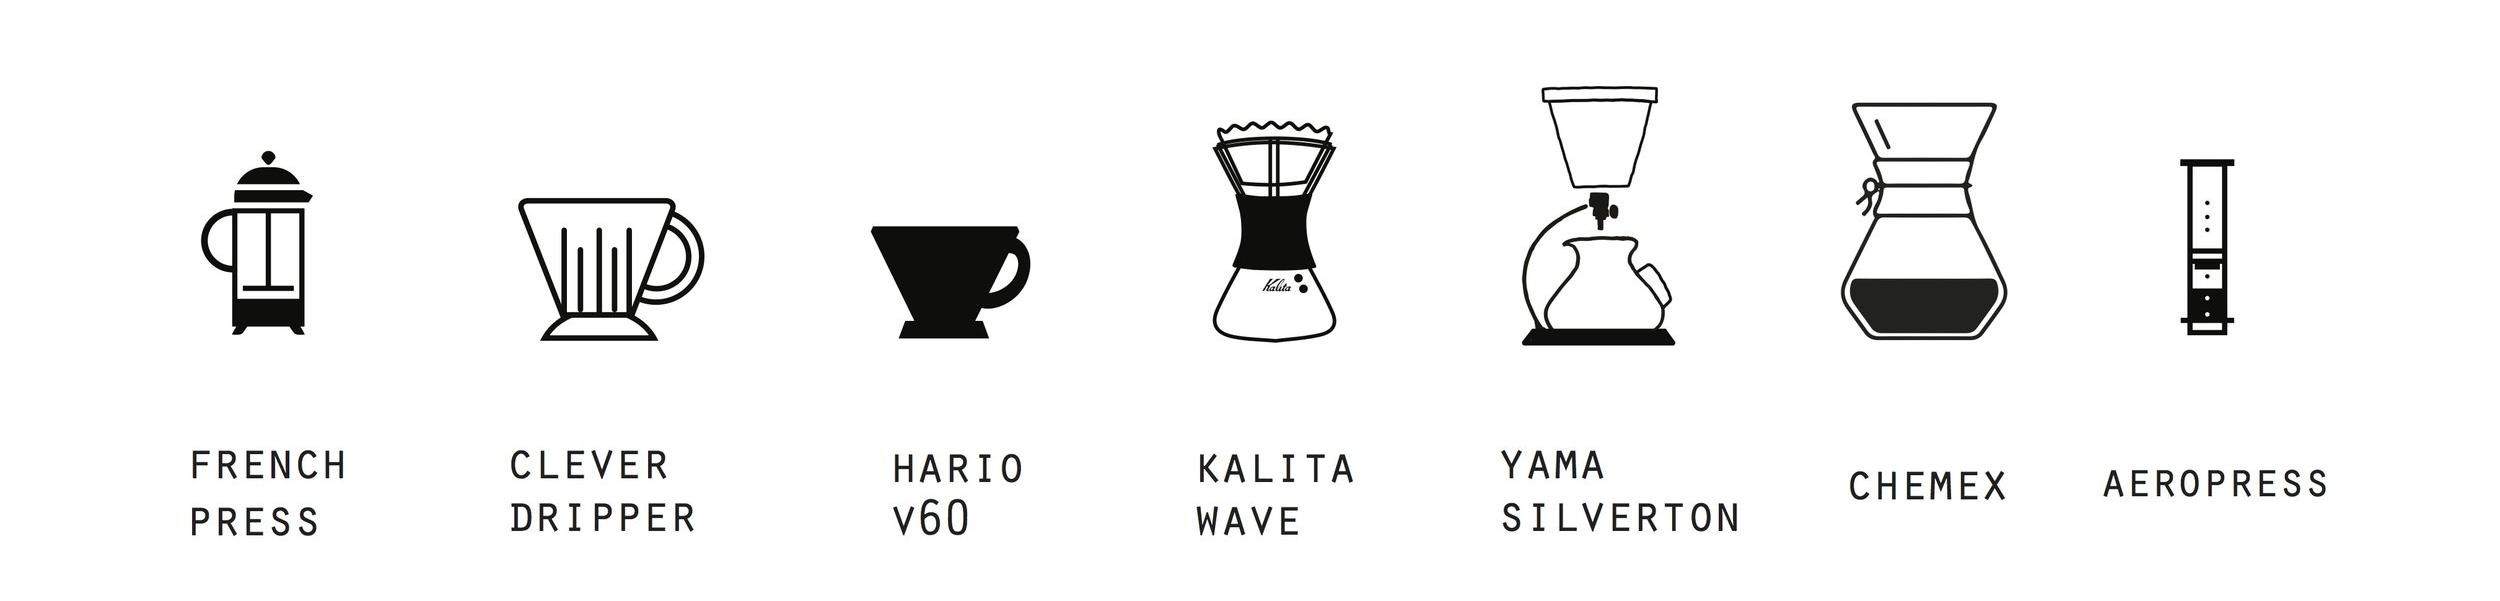 brewing methods.jpg